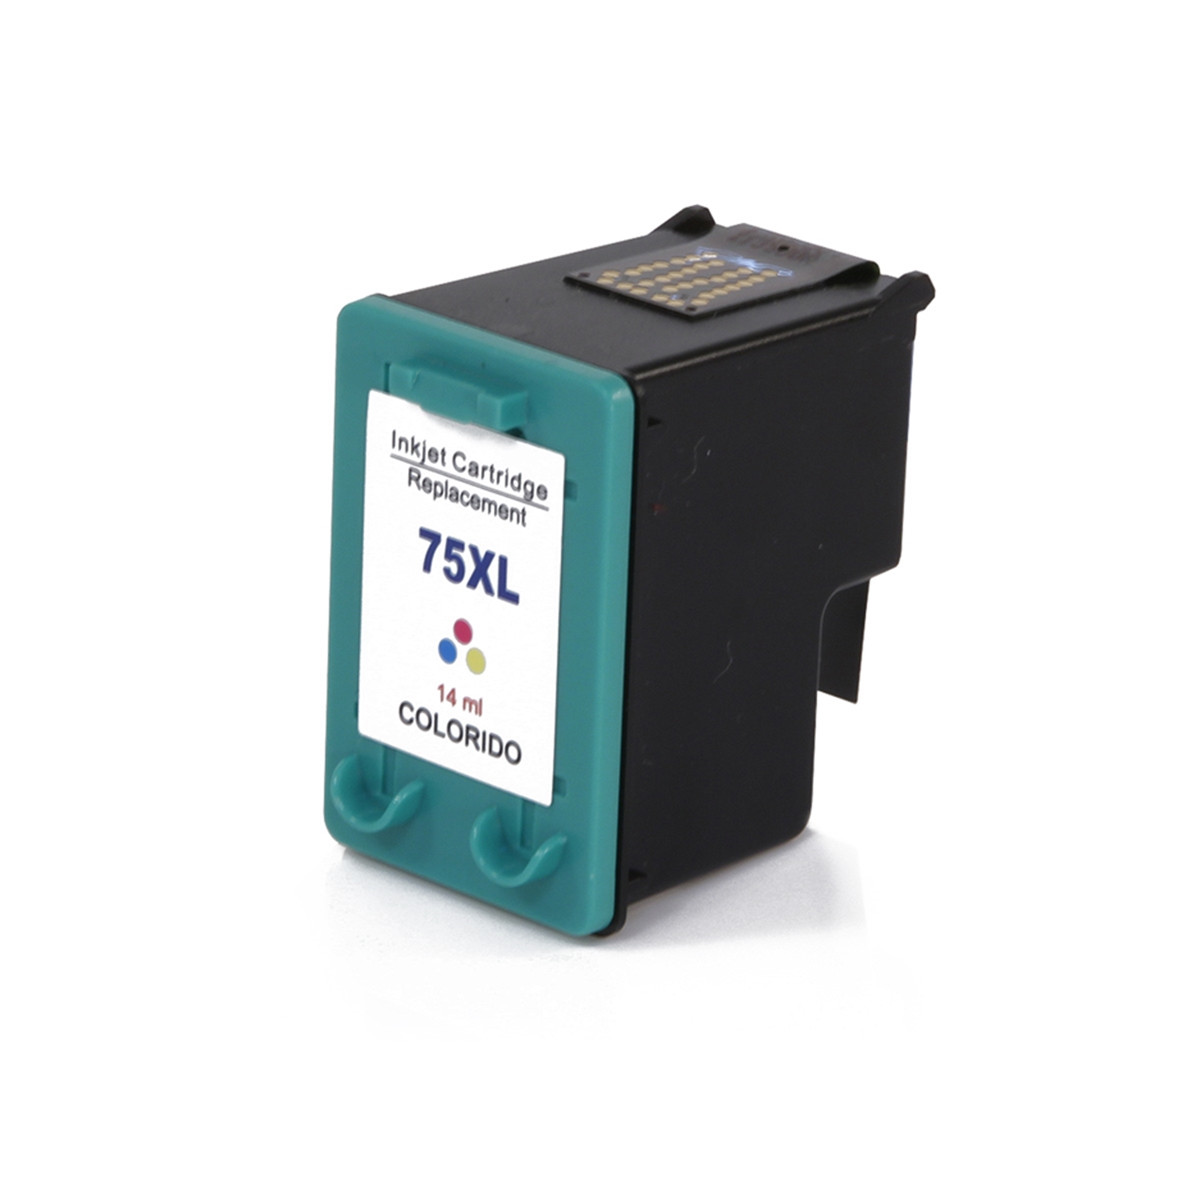 Cartucho de Tinta Compatível com HP 75XL CB338WB Colorido | Photosmart C4480 C4280 C5280 | 18ml